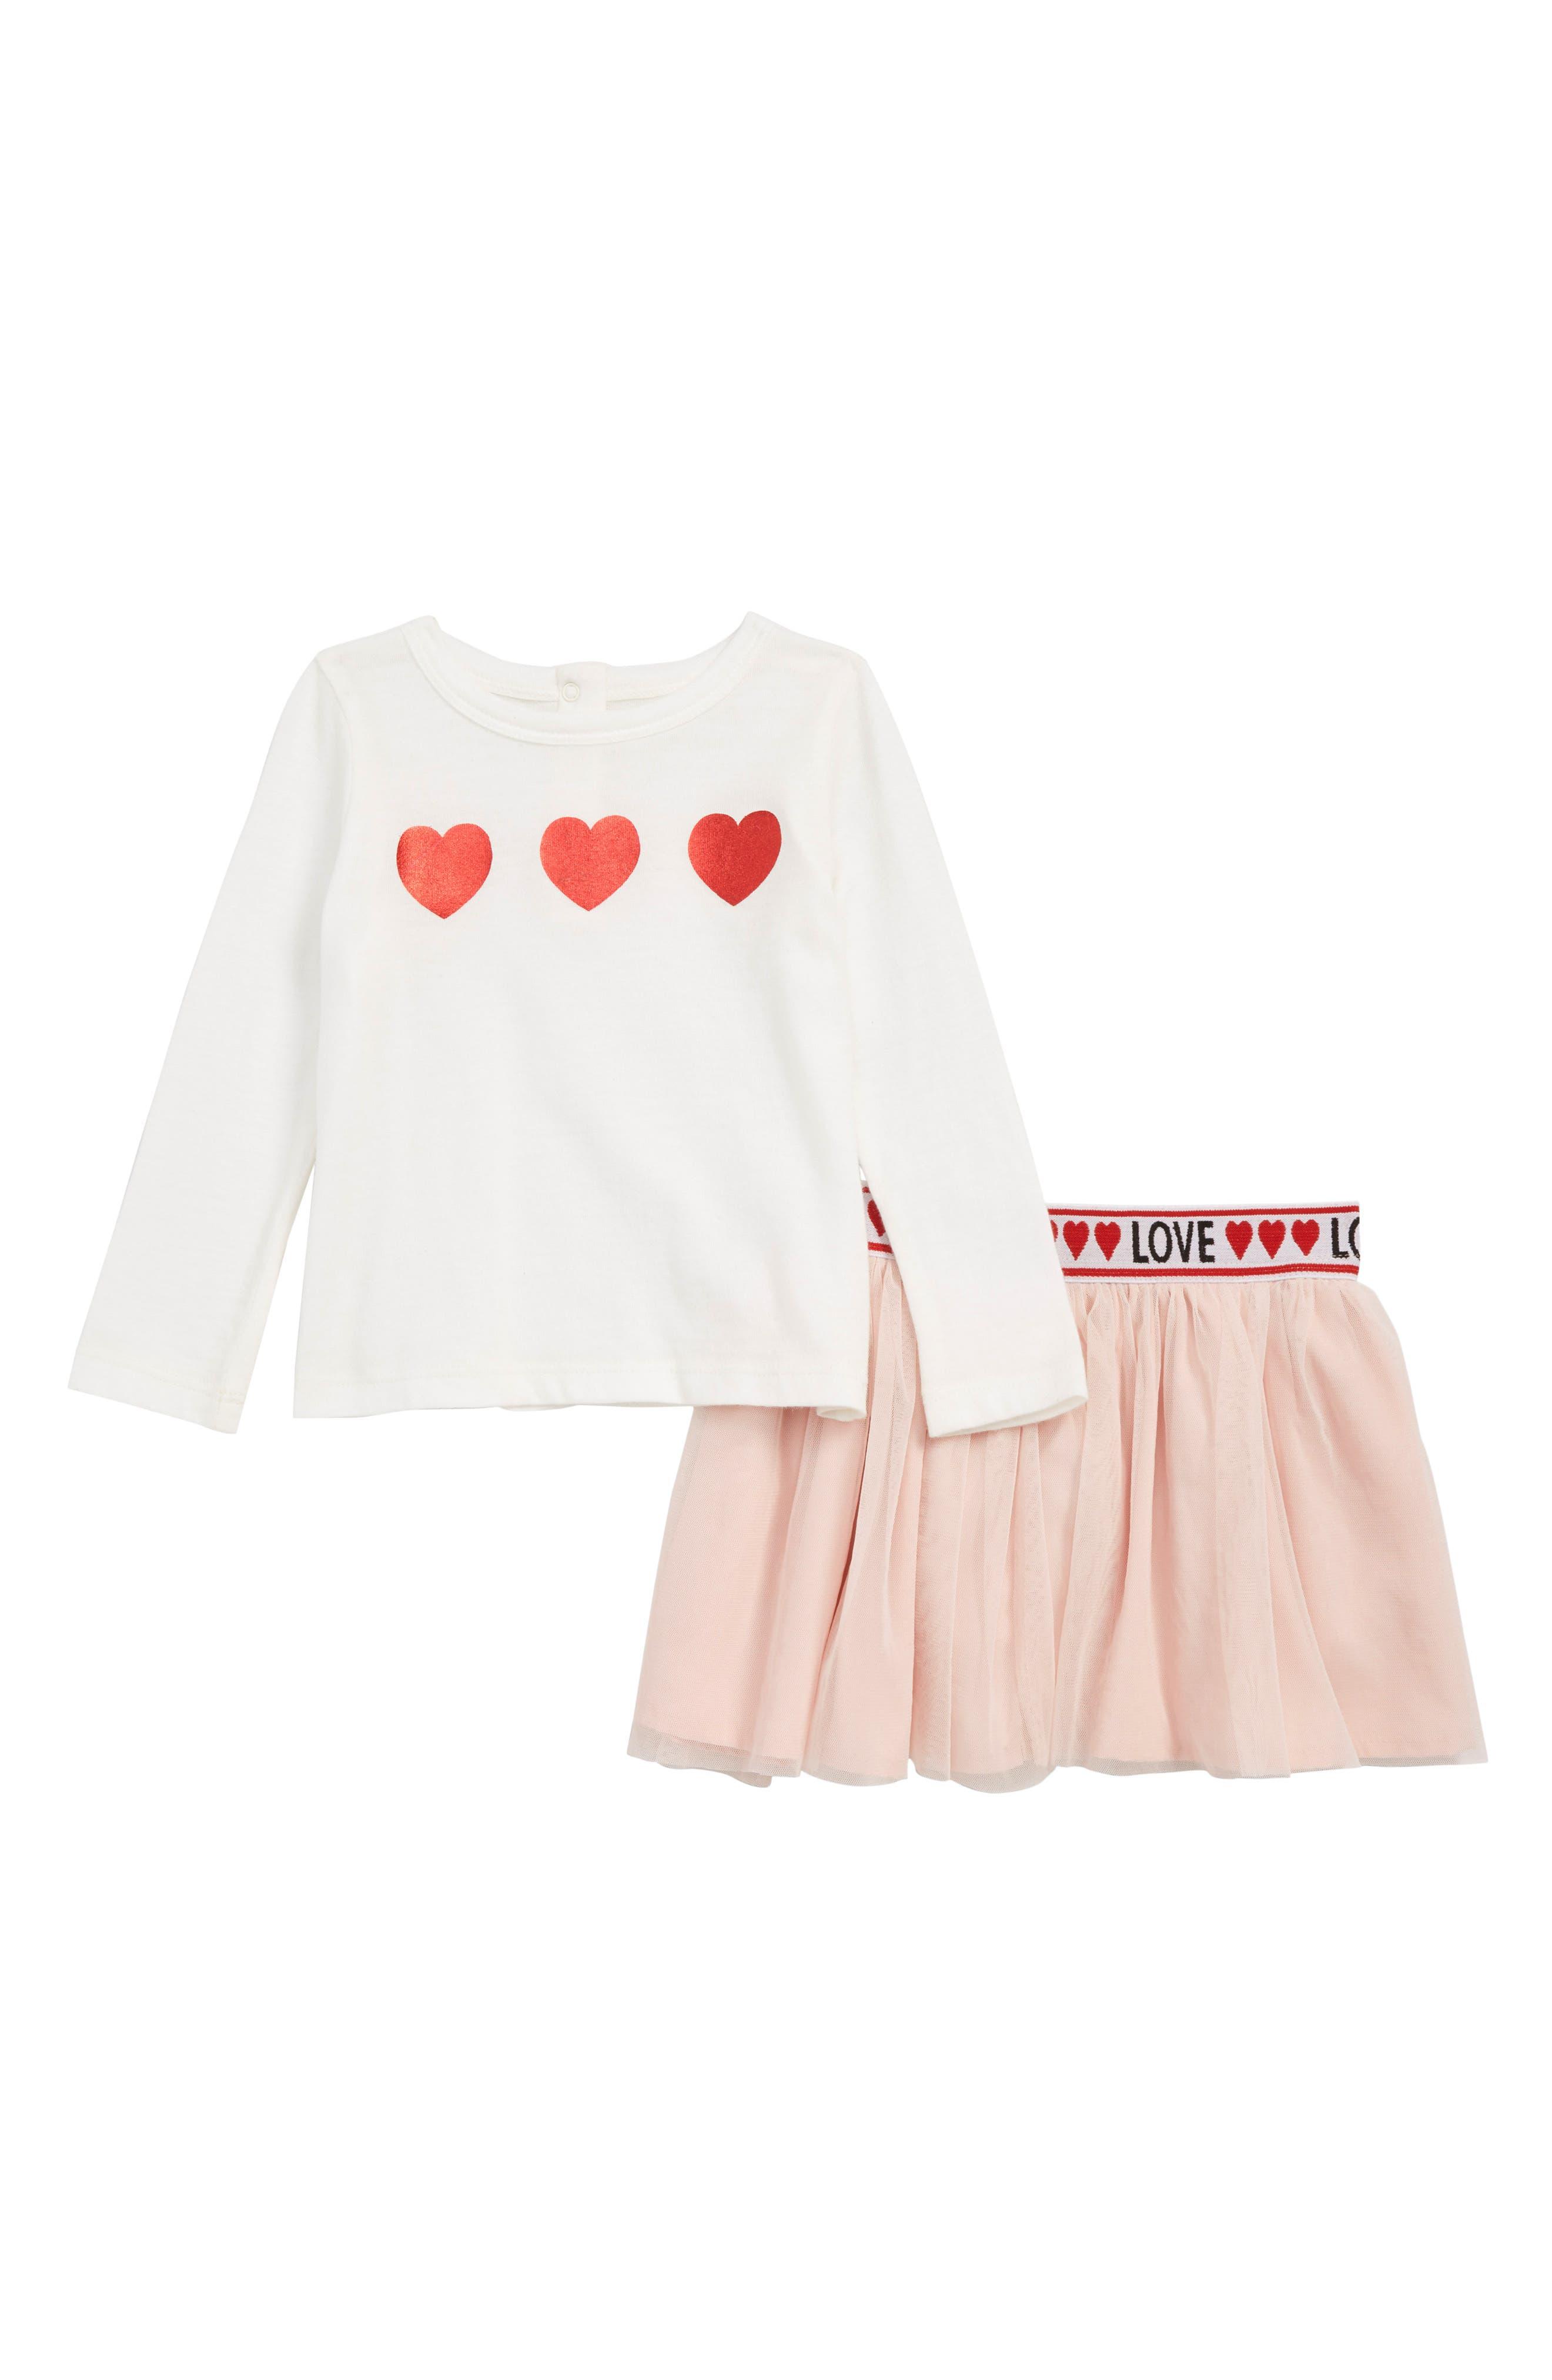 Glitter Heart T-Shirt & Tulle Skirt Set,                             Main thumbnail 1, color,                             IVORY EGRET SPARKLE HEART